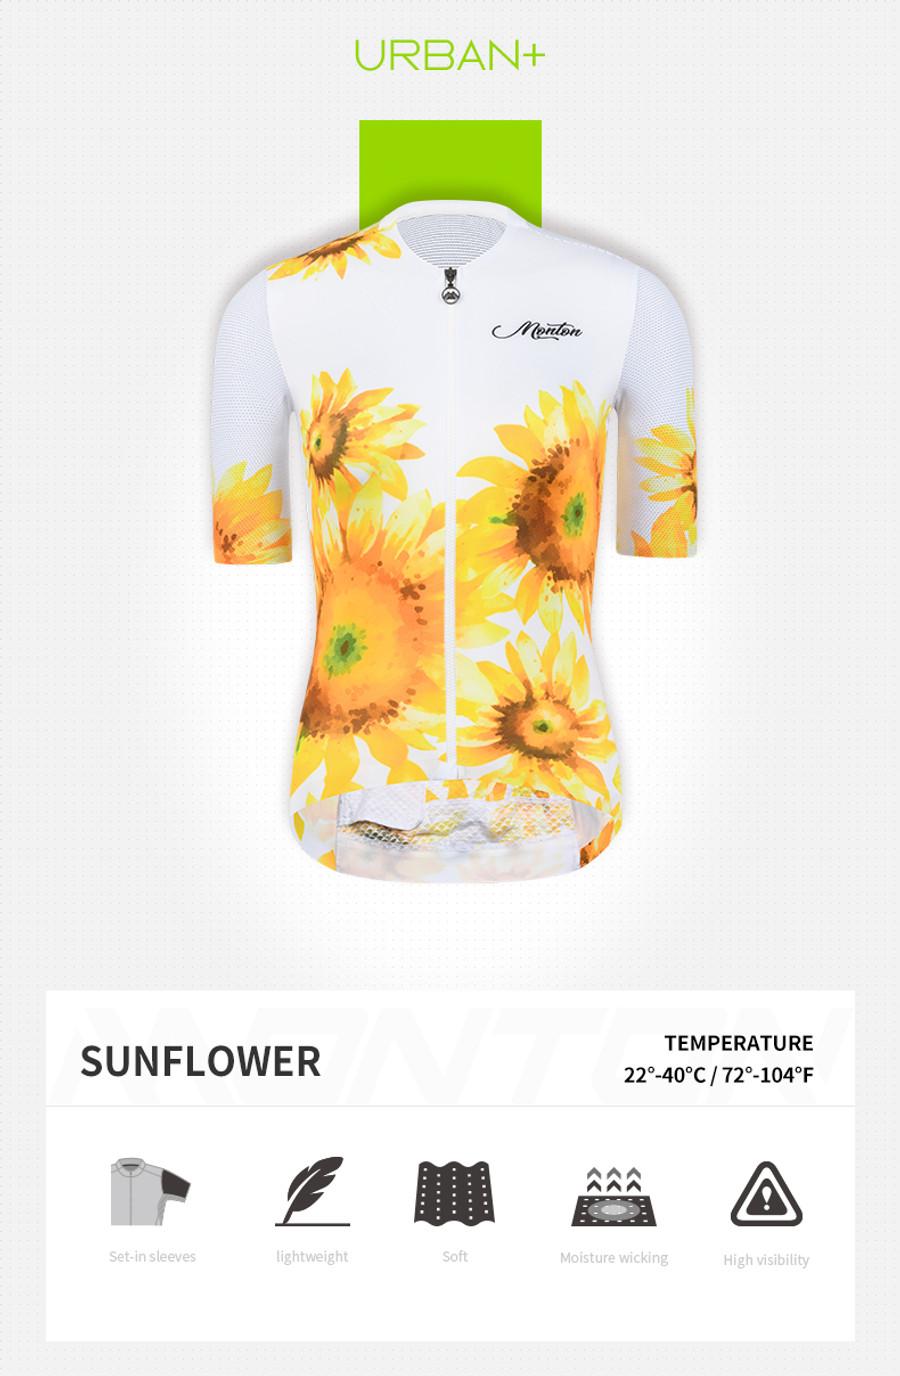 Women's Urban+ Sunflower Jersey